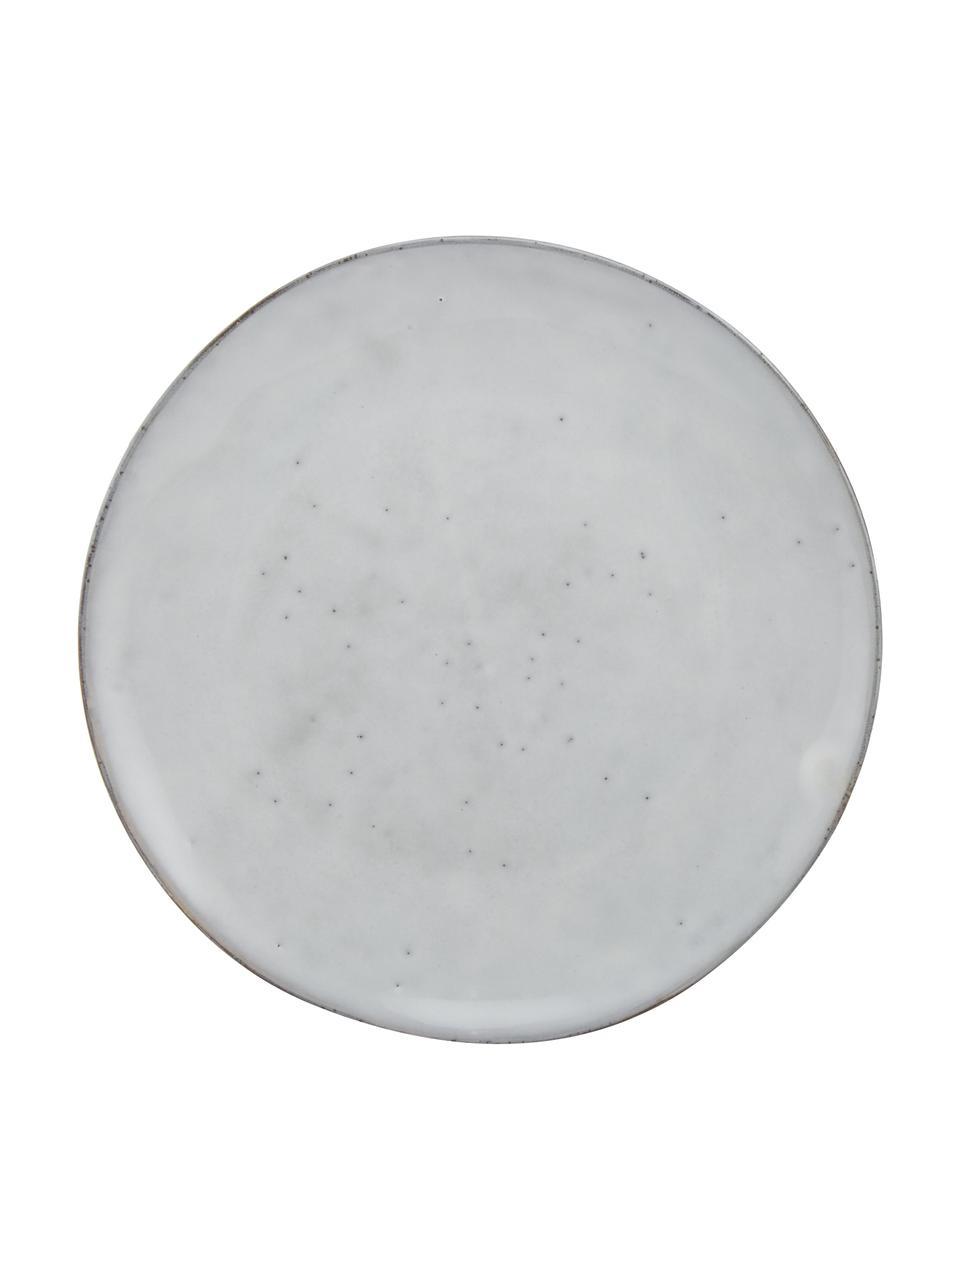 Handgemaakte serviesset Nordic Sand van keramiek, 4 personen (12-delig), Keramiek, Zandkleurig, Set met verschillende formaten